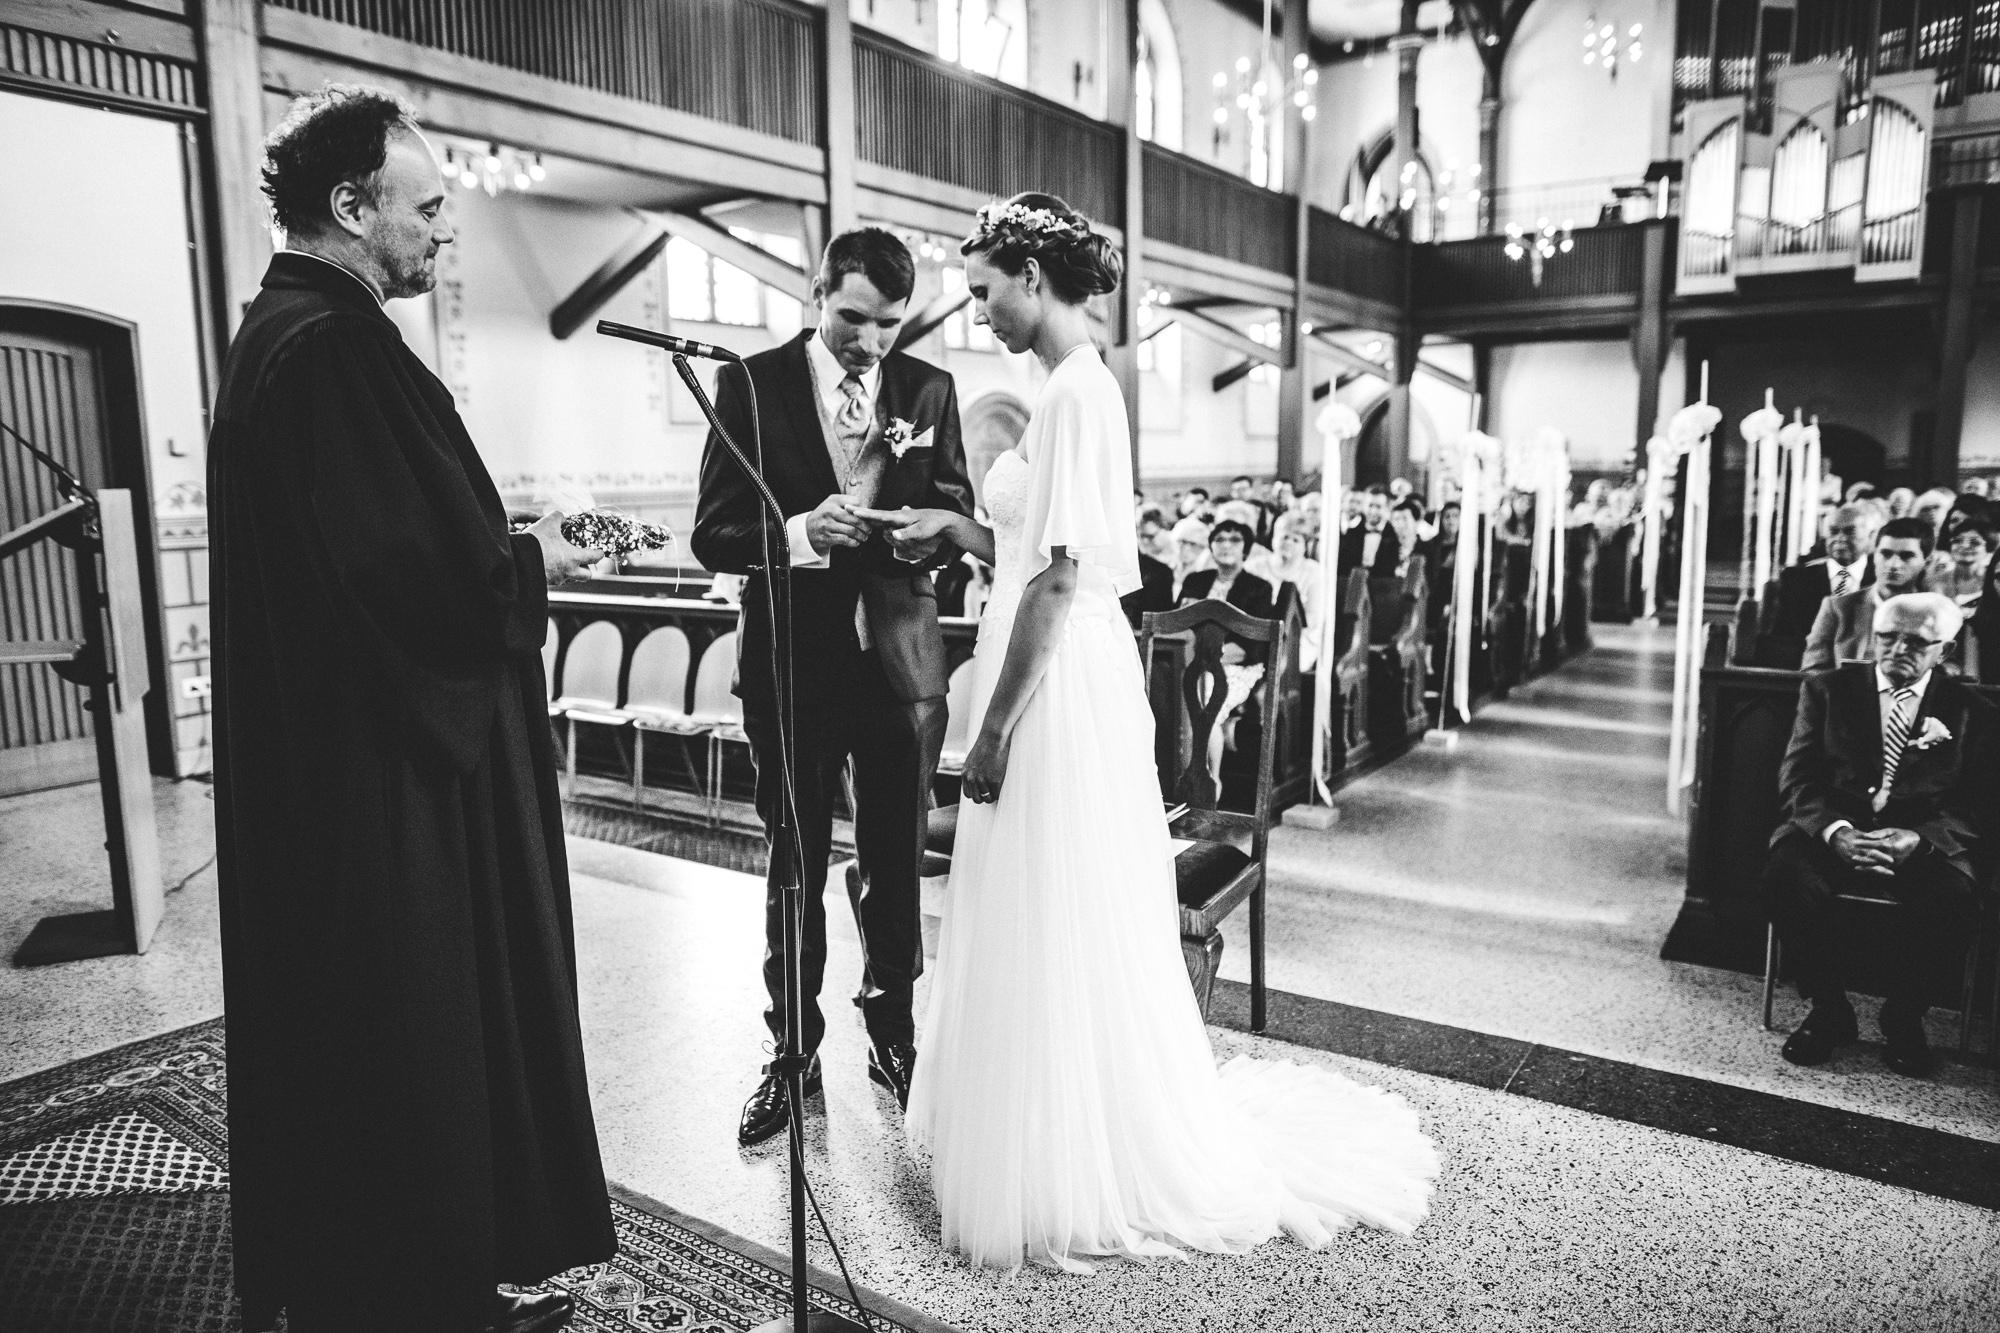 annethomas 084 - Hochzeit im wunderschönen Ladenburg in Eichenstolz